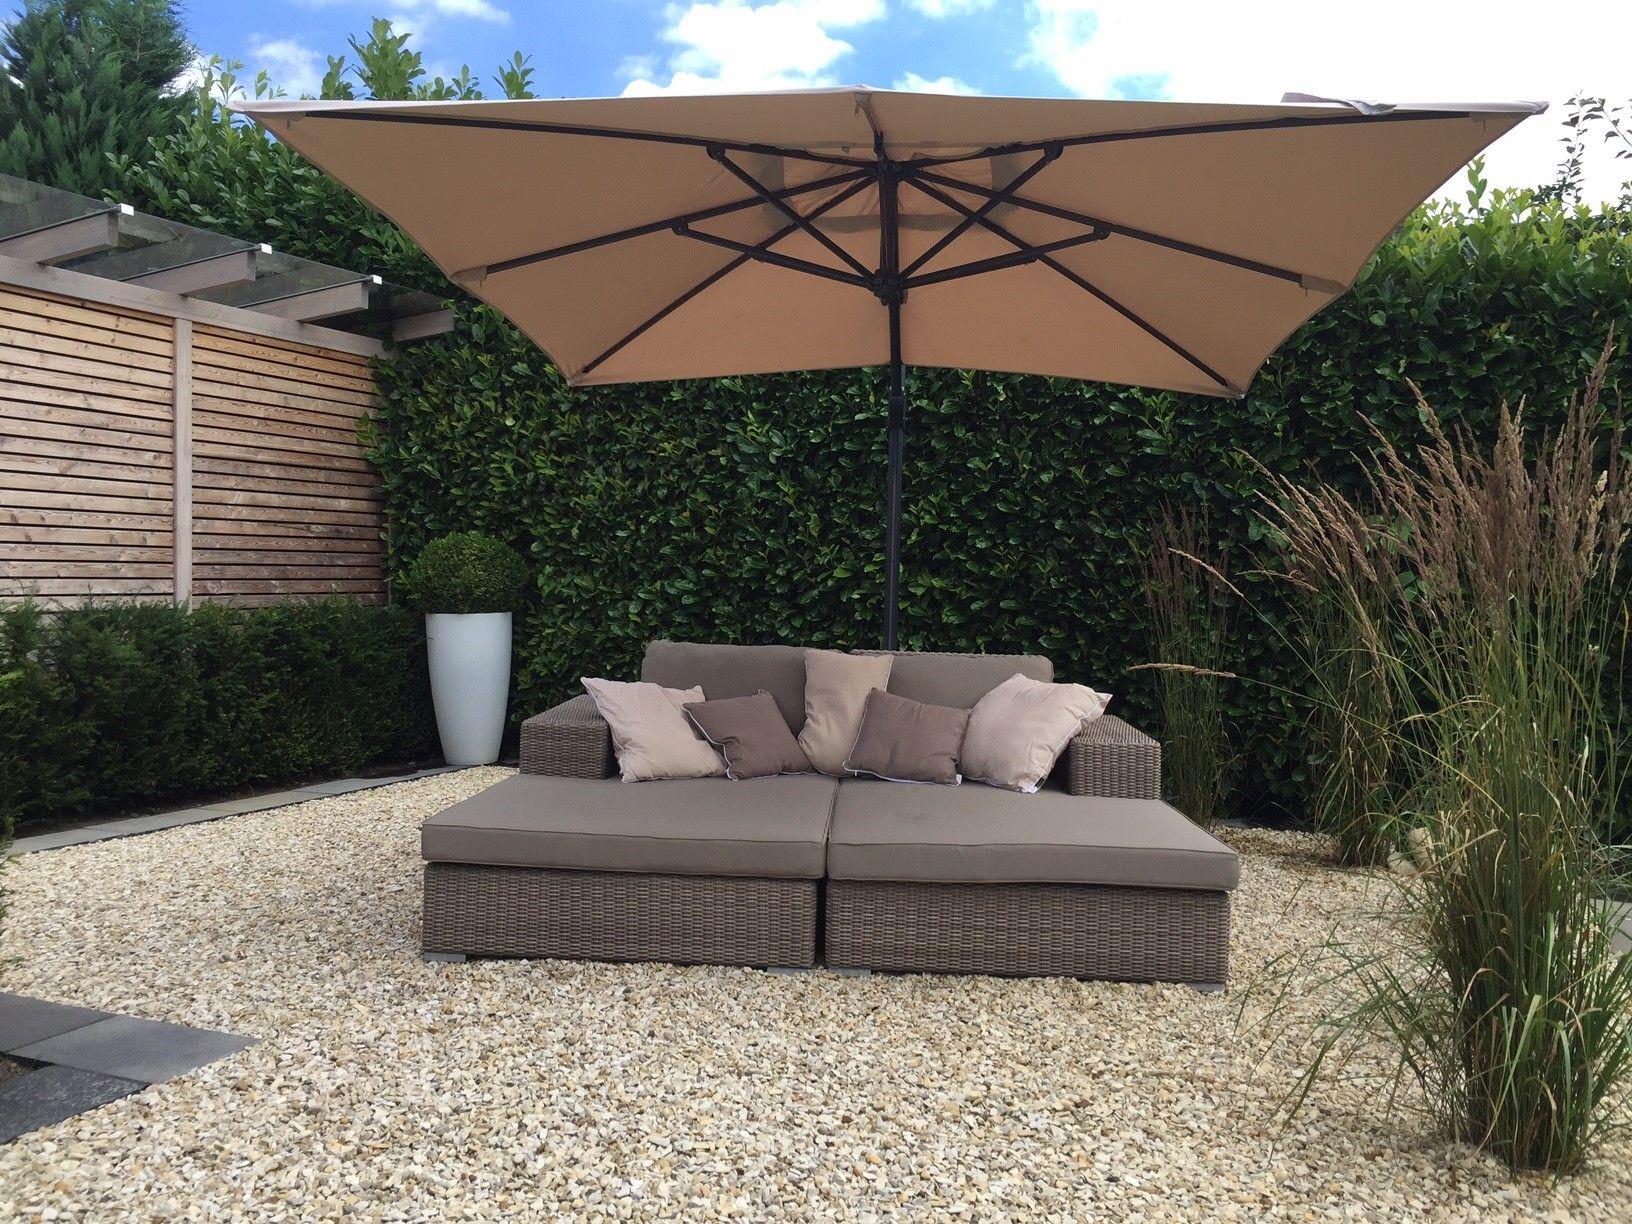 Groot Vierkant Balkon : Tuin met grind en groot ligbed met luxe parasol ligbed inspiratie ☀